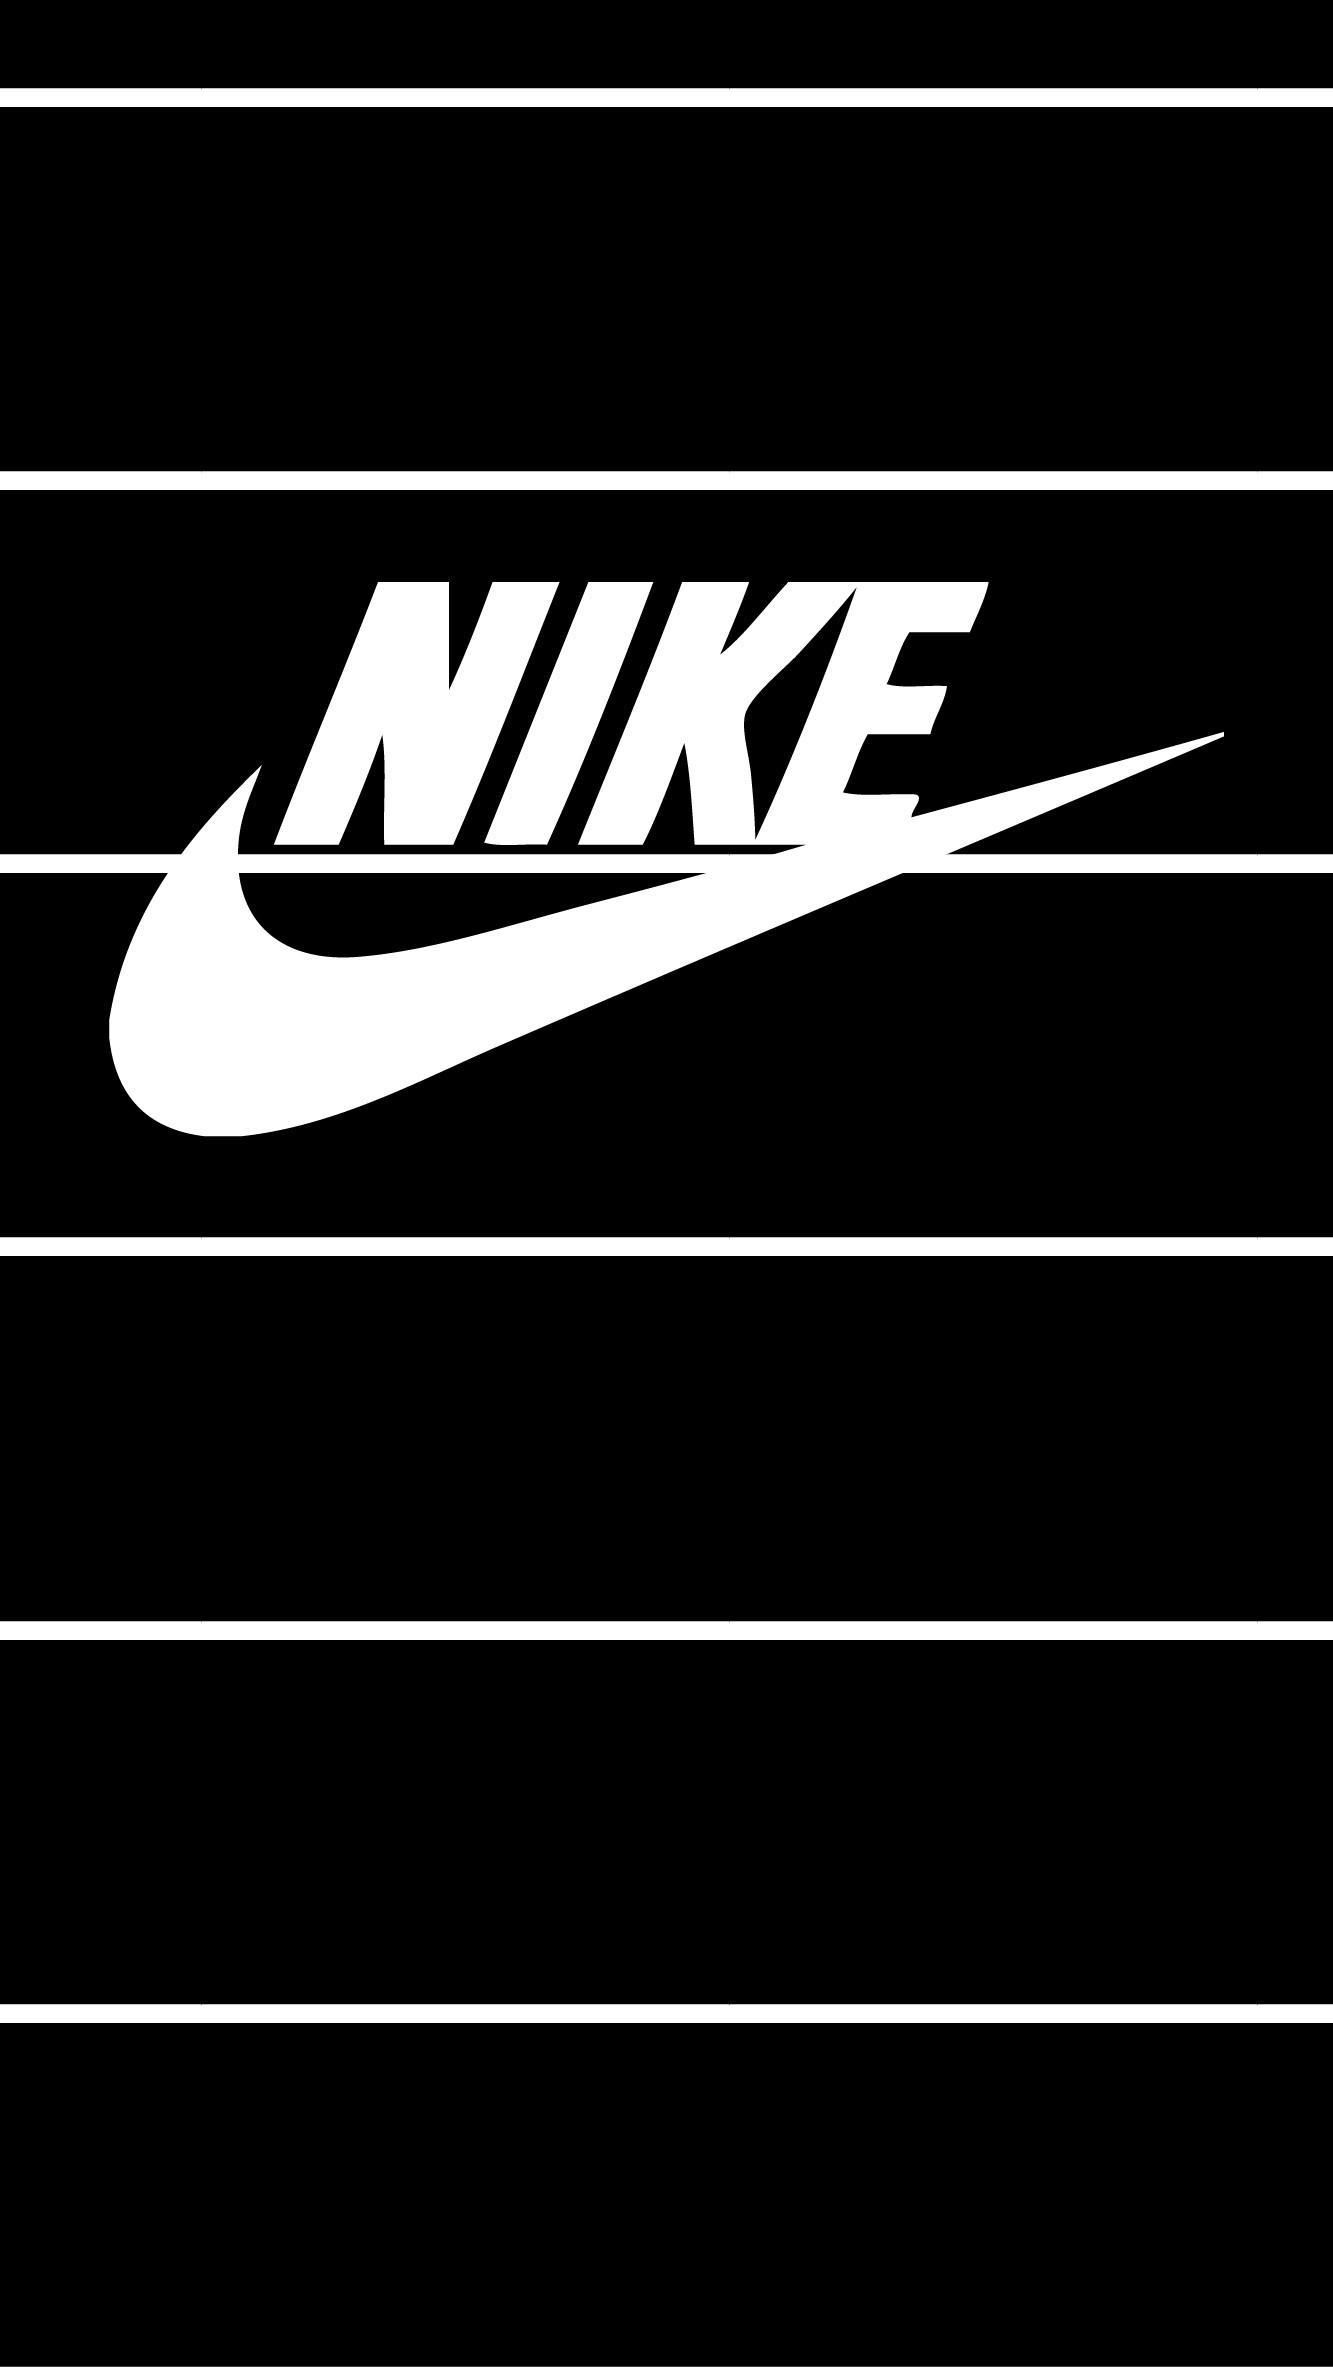 Explore Nike Wallpaper, Iphone Wallpaper, and more!